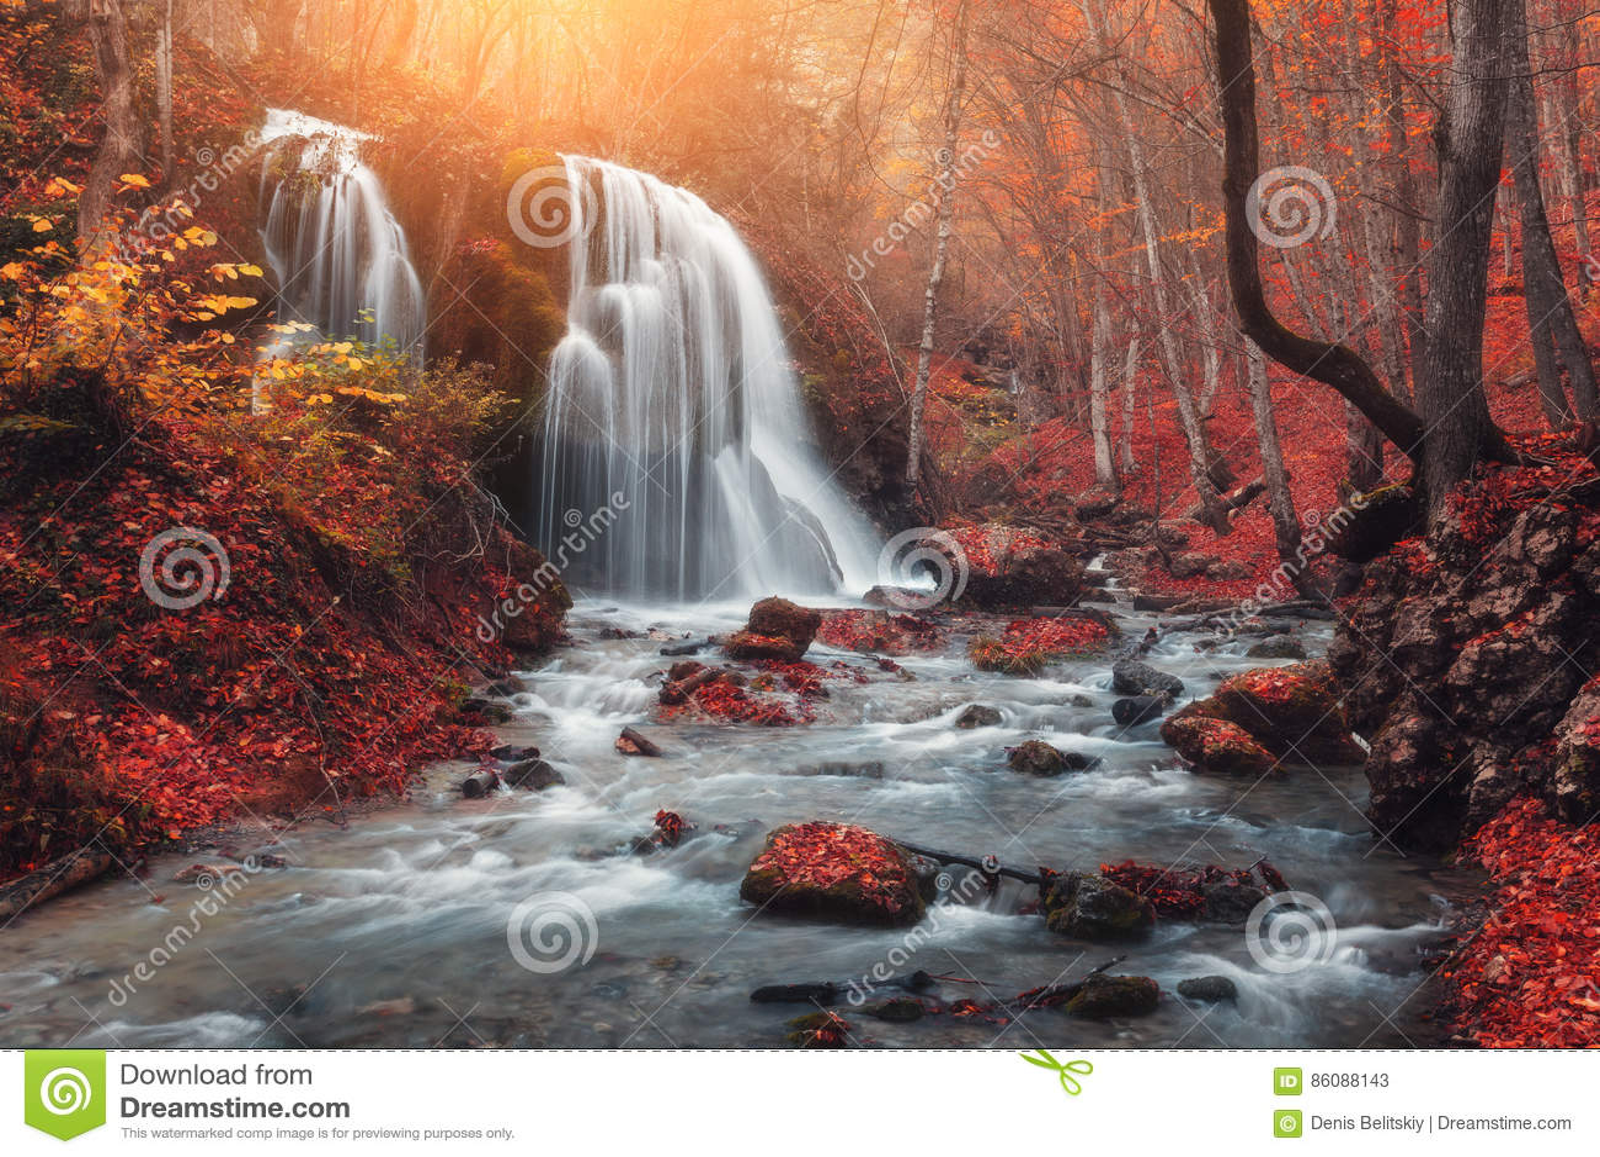 Wasserfall in Gebirgsfluss im Herbstwald bei Sonnenuntergang